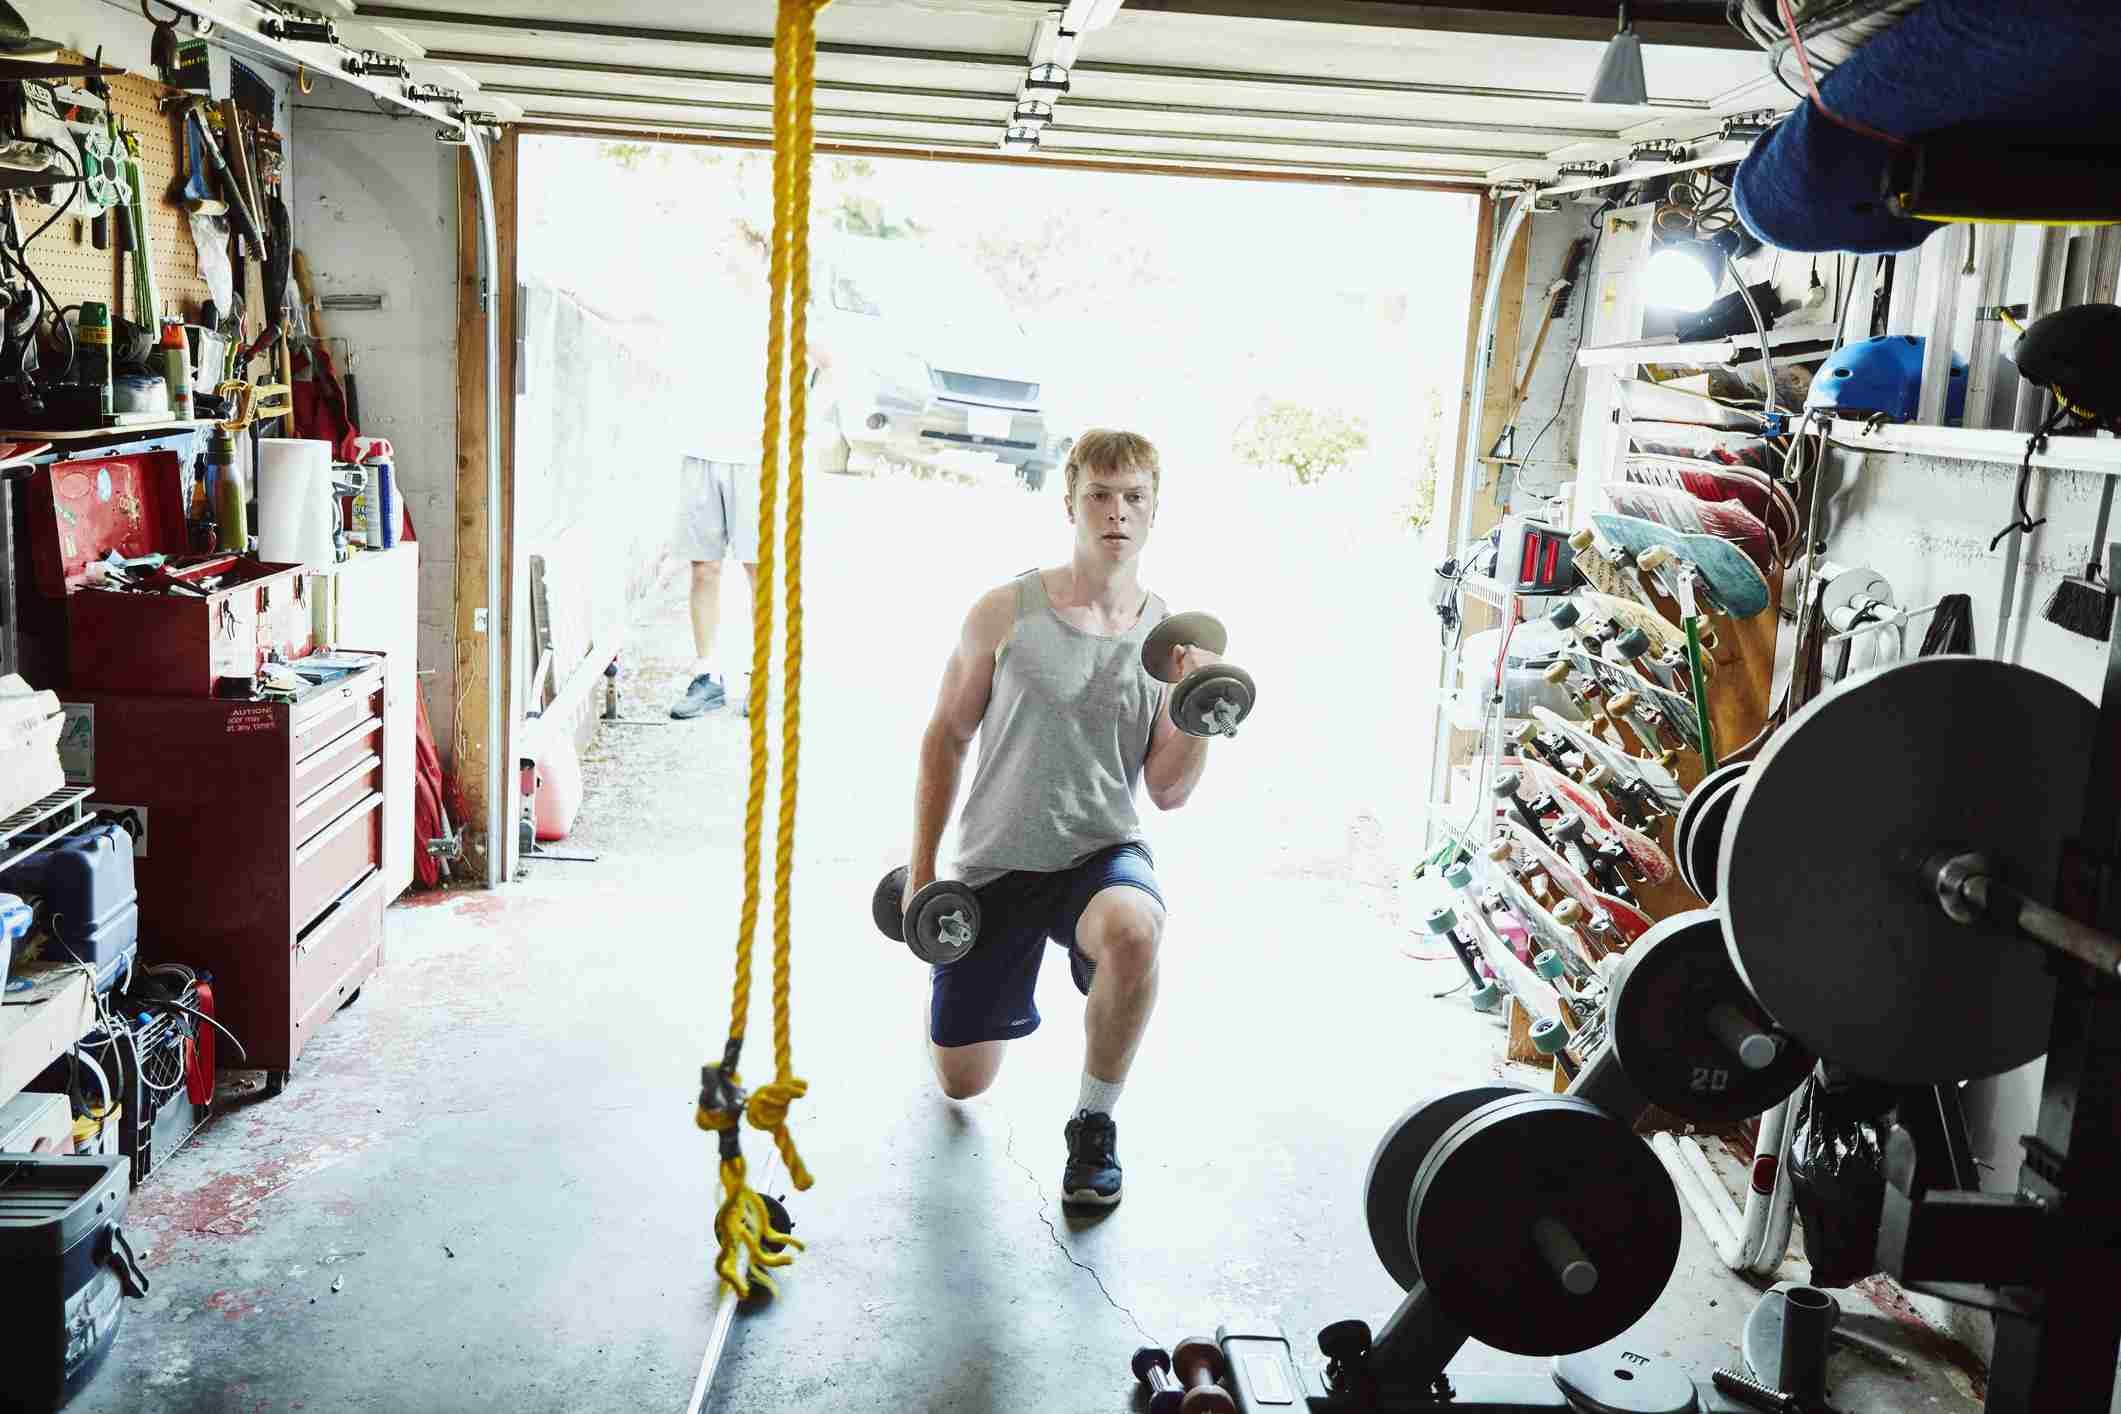 Joven haciendo estocadas con pesas en el gimnasio en el garaje